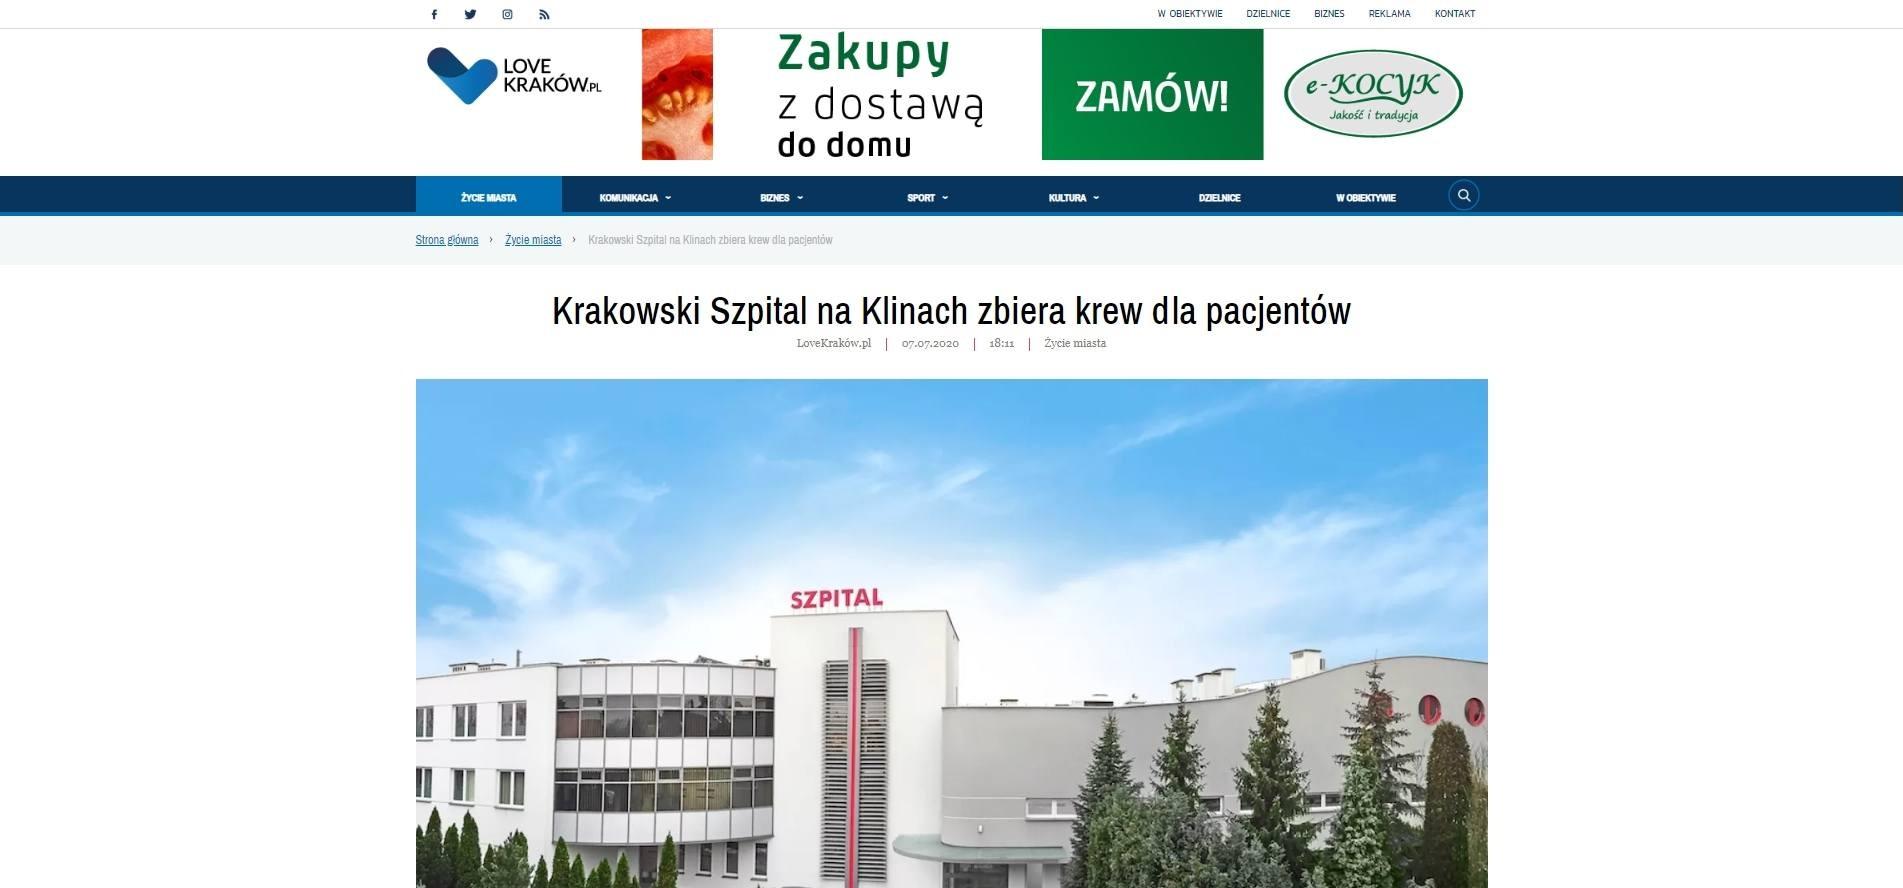 krakowski szpital na klinach zbiera krew dla pacjentow